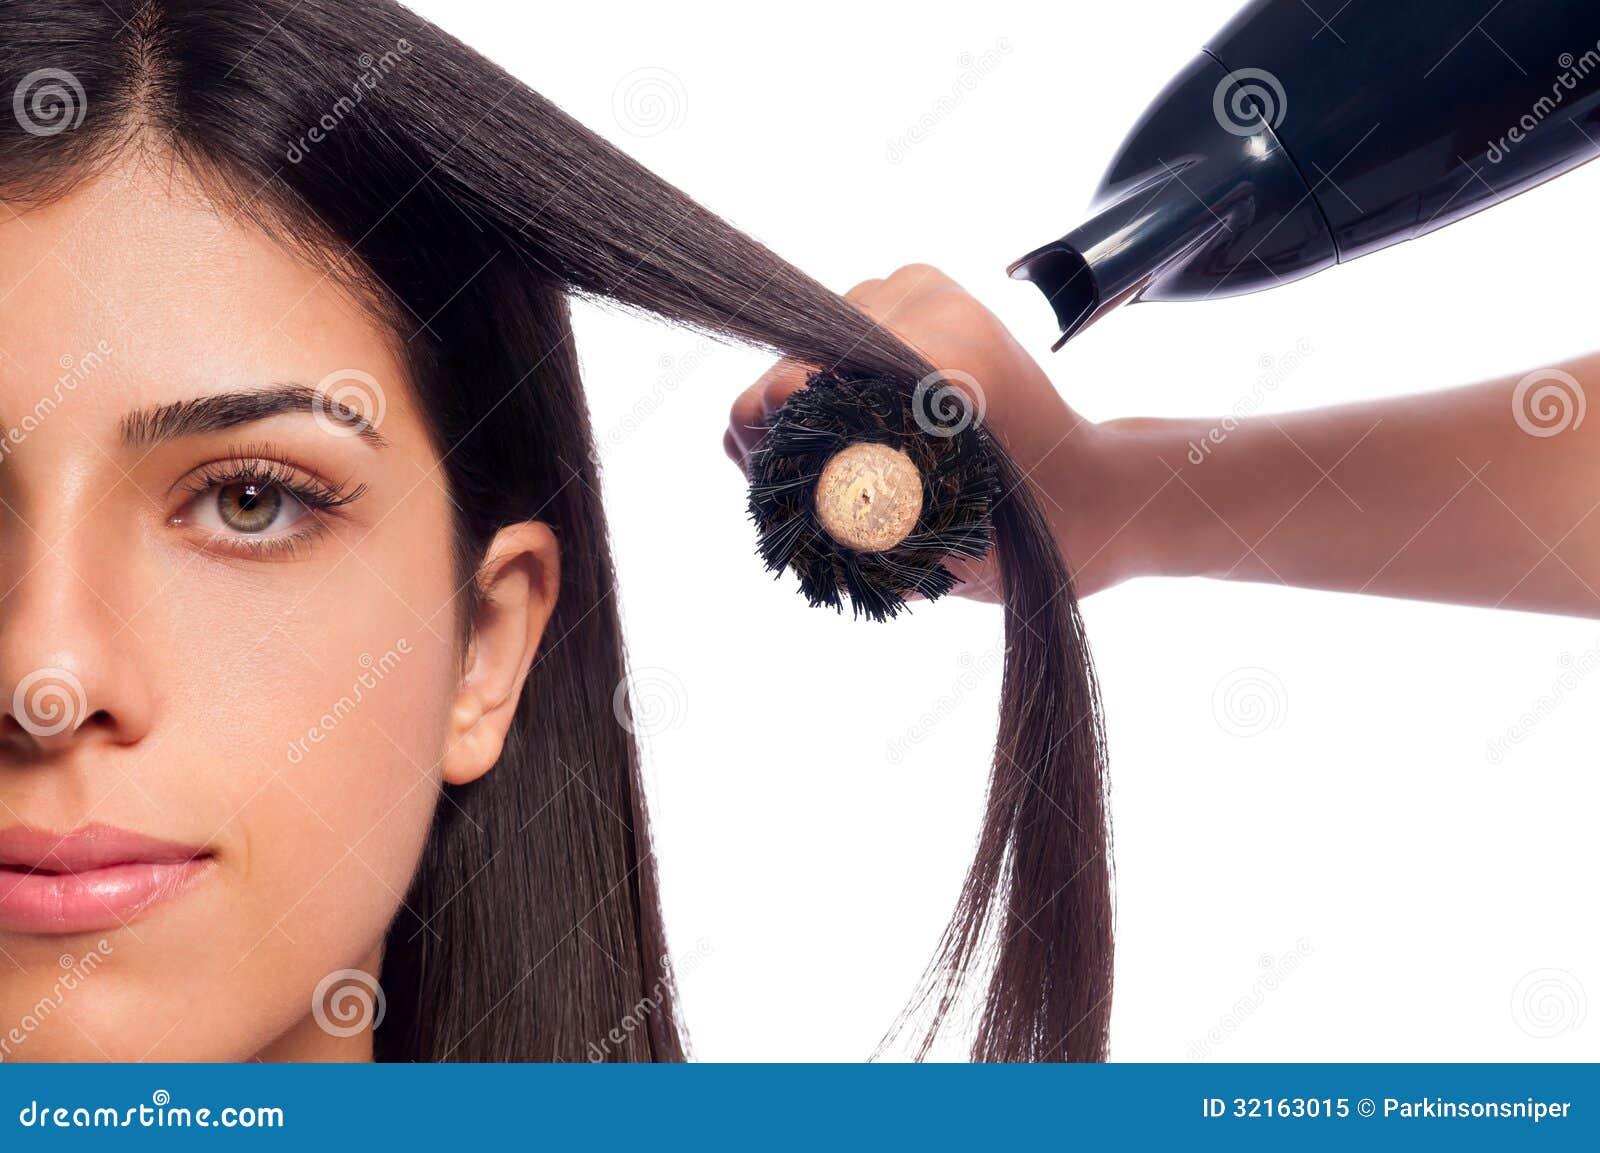 吹干女孩头发 免版税库存照片 - 图片: 32163015图片